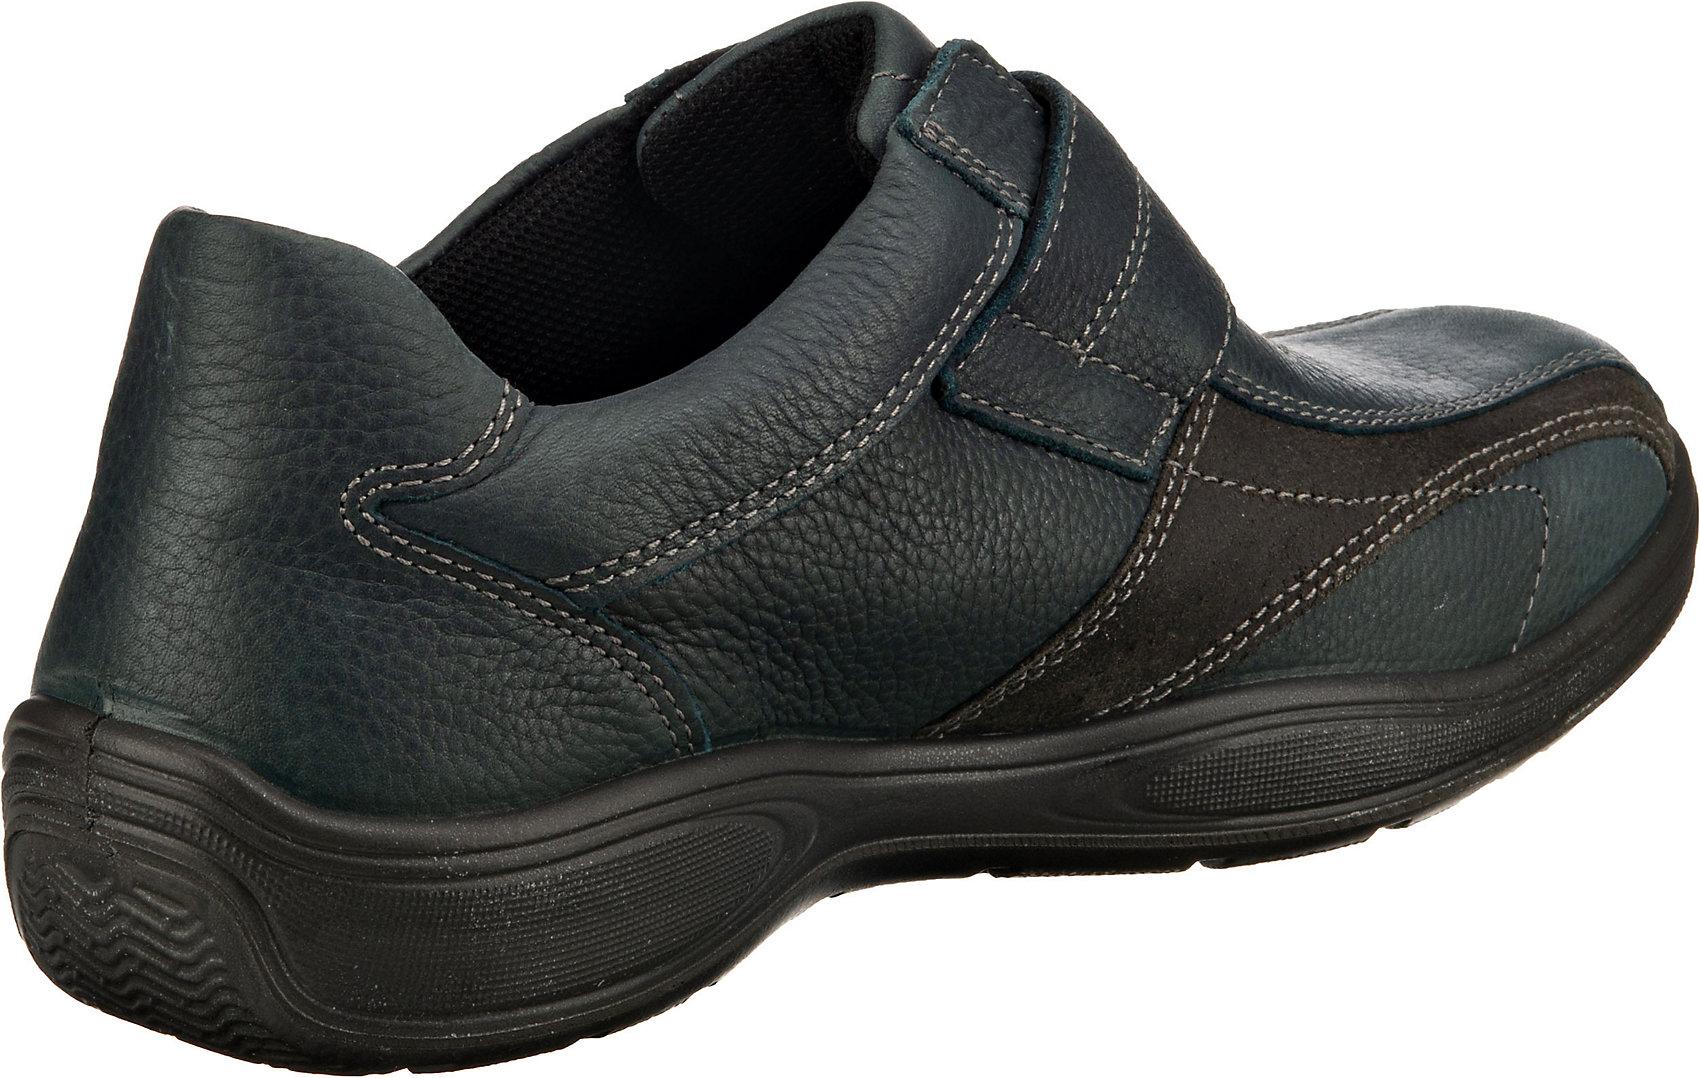 Neu JOMOS Ergocom Komfort-Halbschuhe 15053780 für Herren dunkelblau